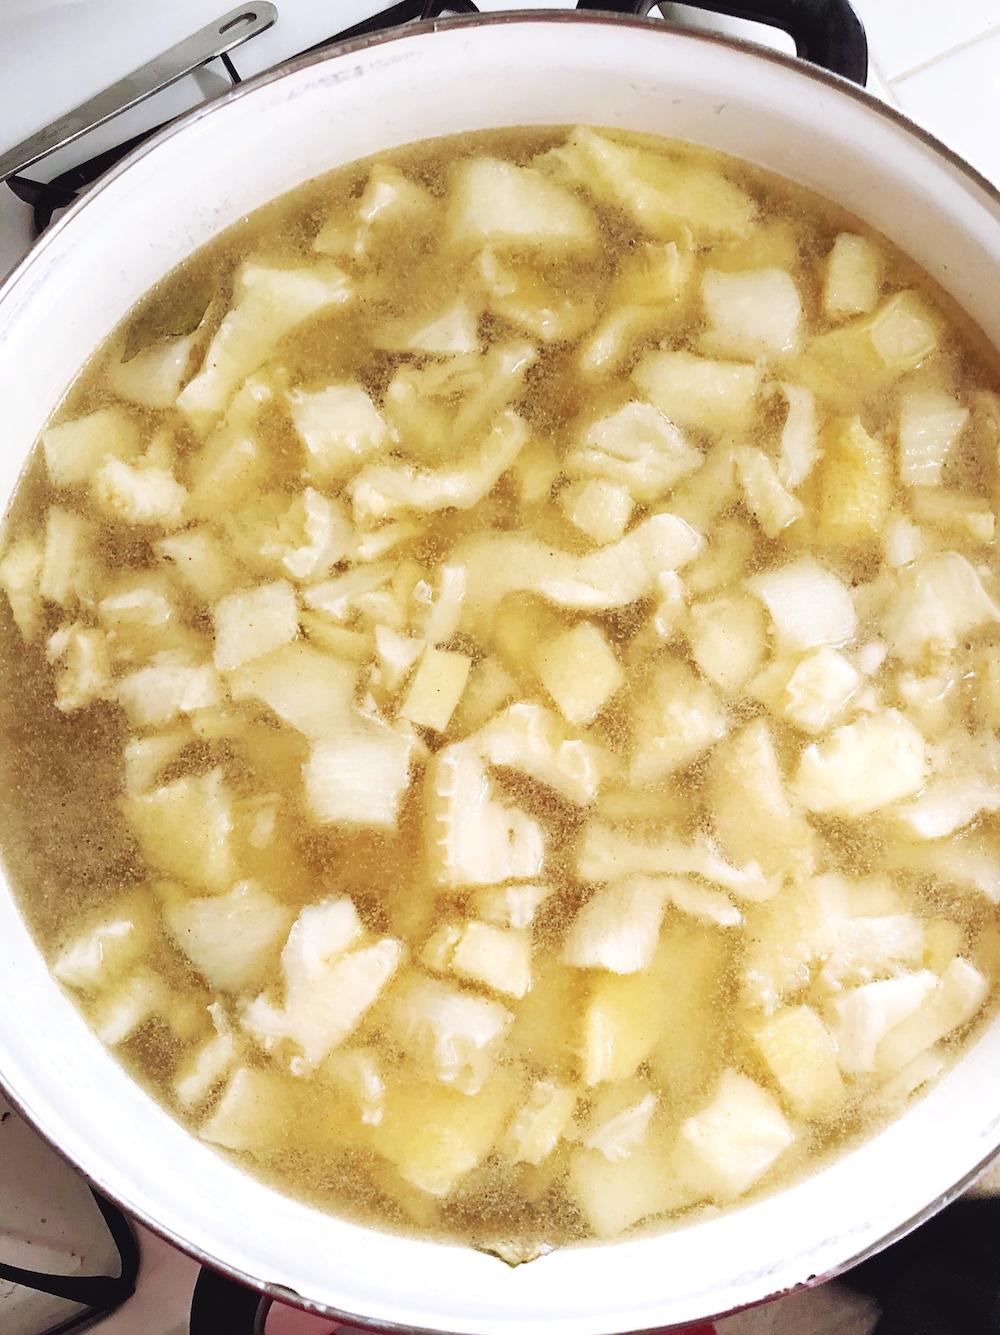 White menudo recipe - LivingMiVidaLoca.com